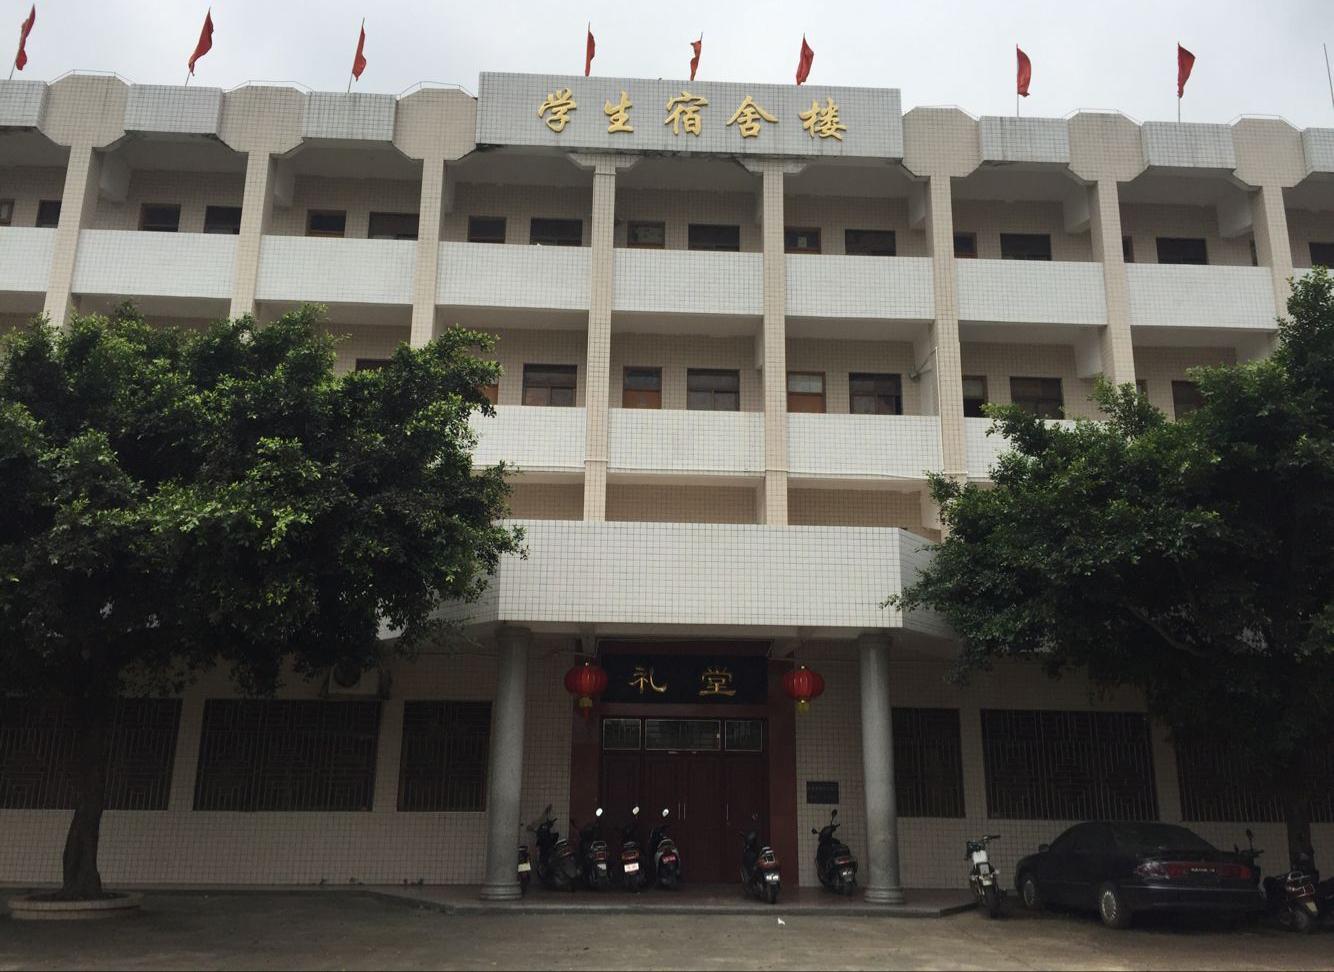 学生宿舍楼1